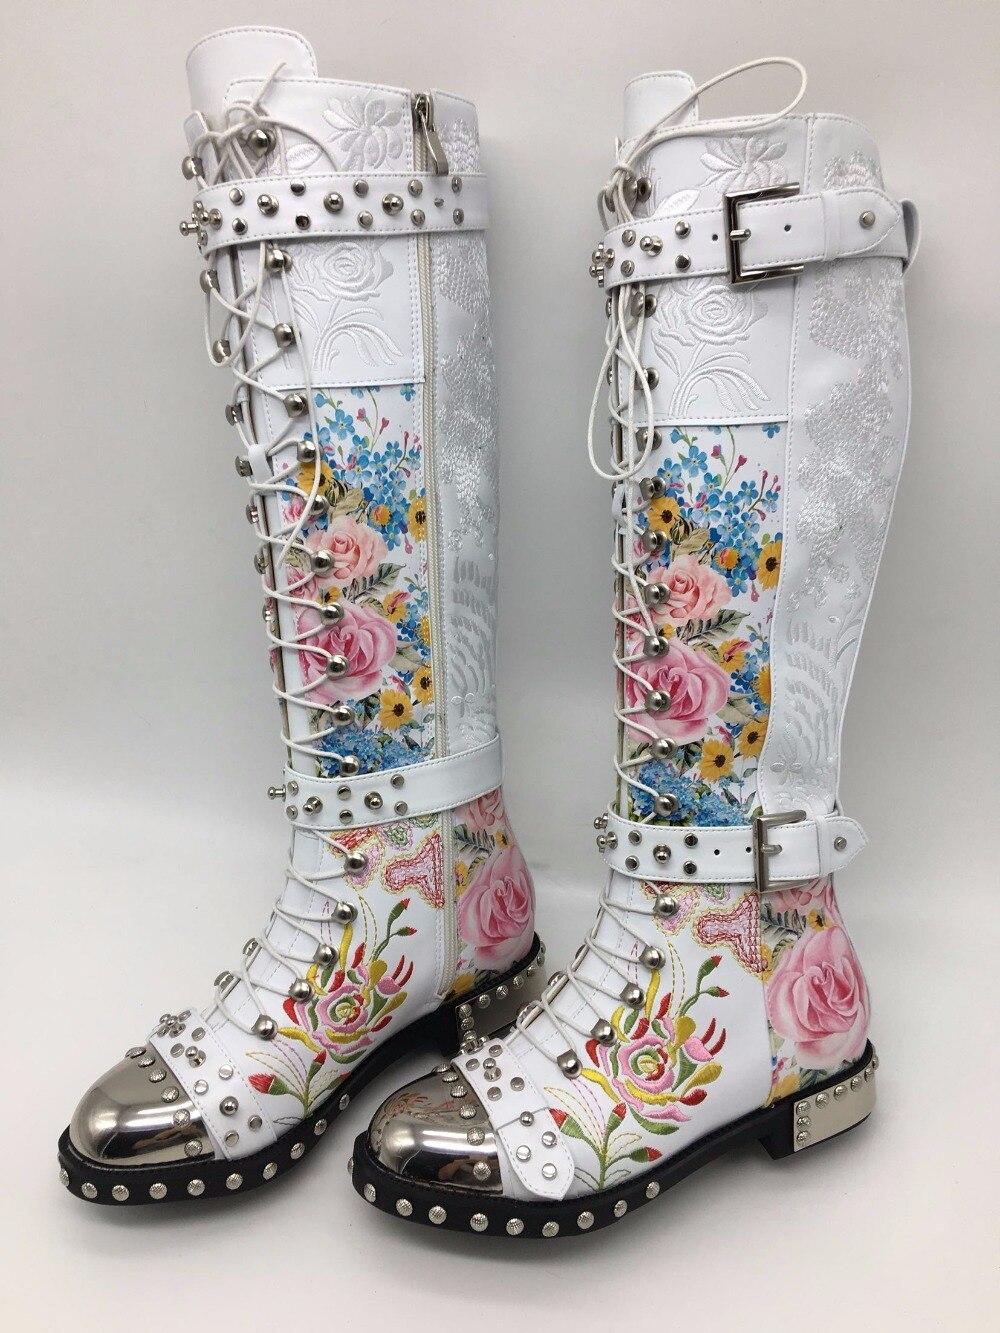 Calidad Flor Matel as Bordado Cuero Zapatos Imprimir As Alta Studder Beertola Cabeza Picture De Mujer Picture Invierno Remaches Botas T8wqpwCY6